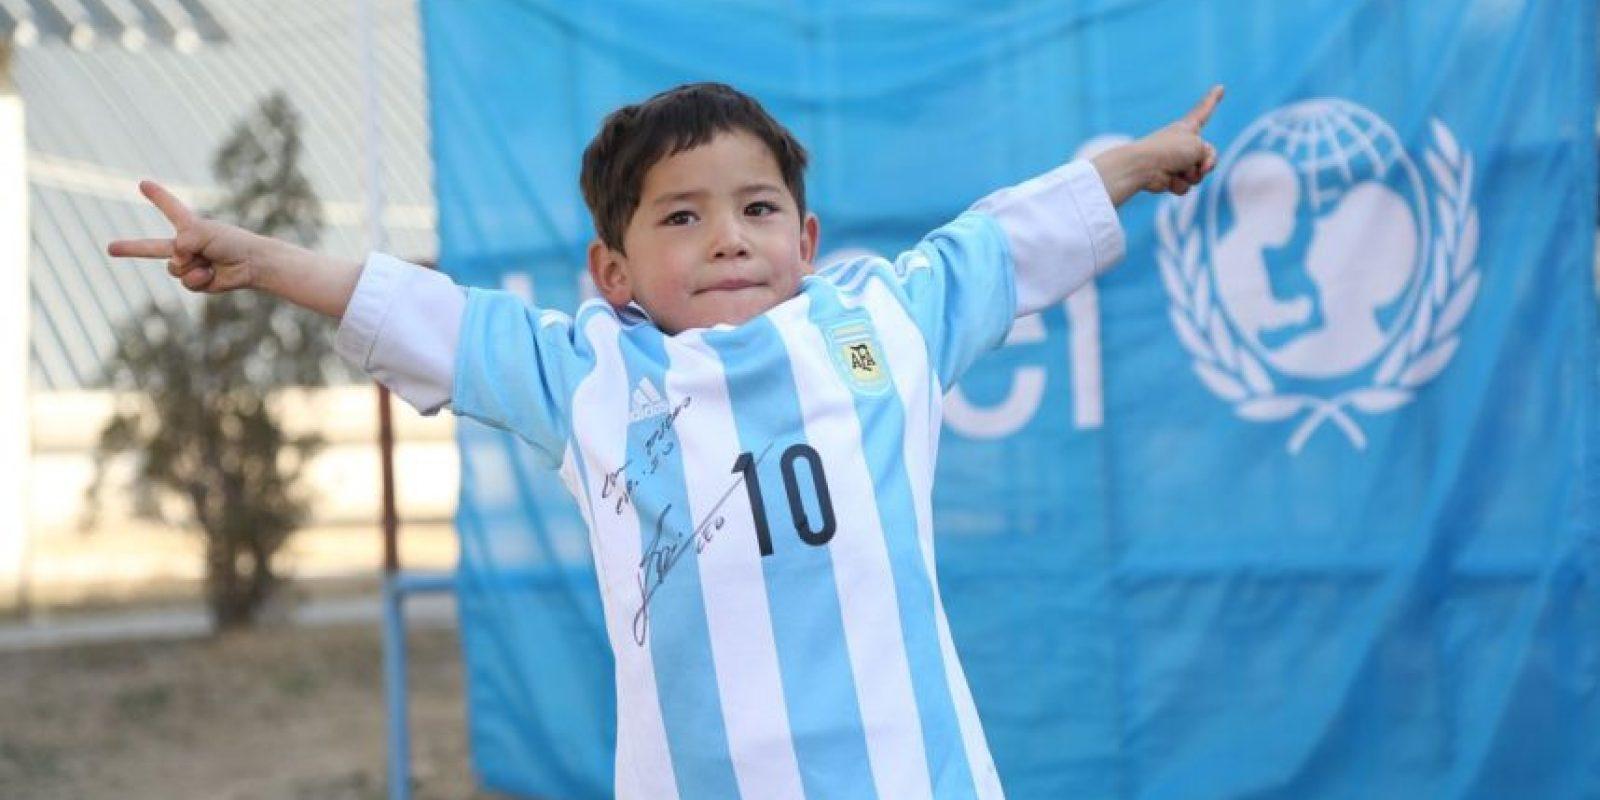 Se trata del niño afgano que se hizo famoso por llevar la camiseta de Lionel Messi hecha de una bolsa de plástico. Foto:Vía twitter.com/UNICEFargentina